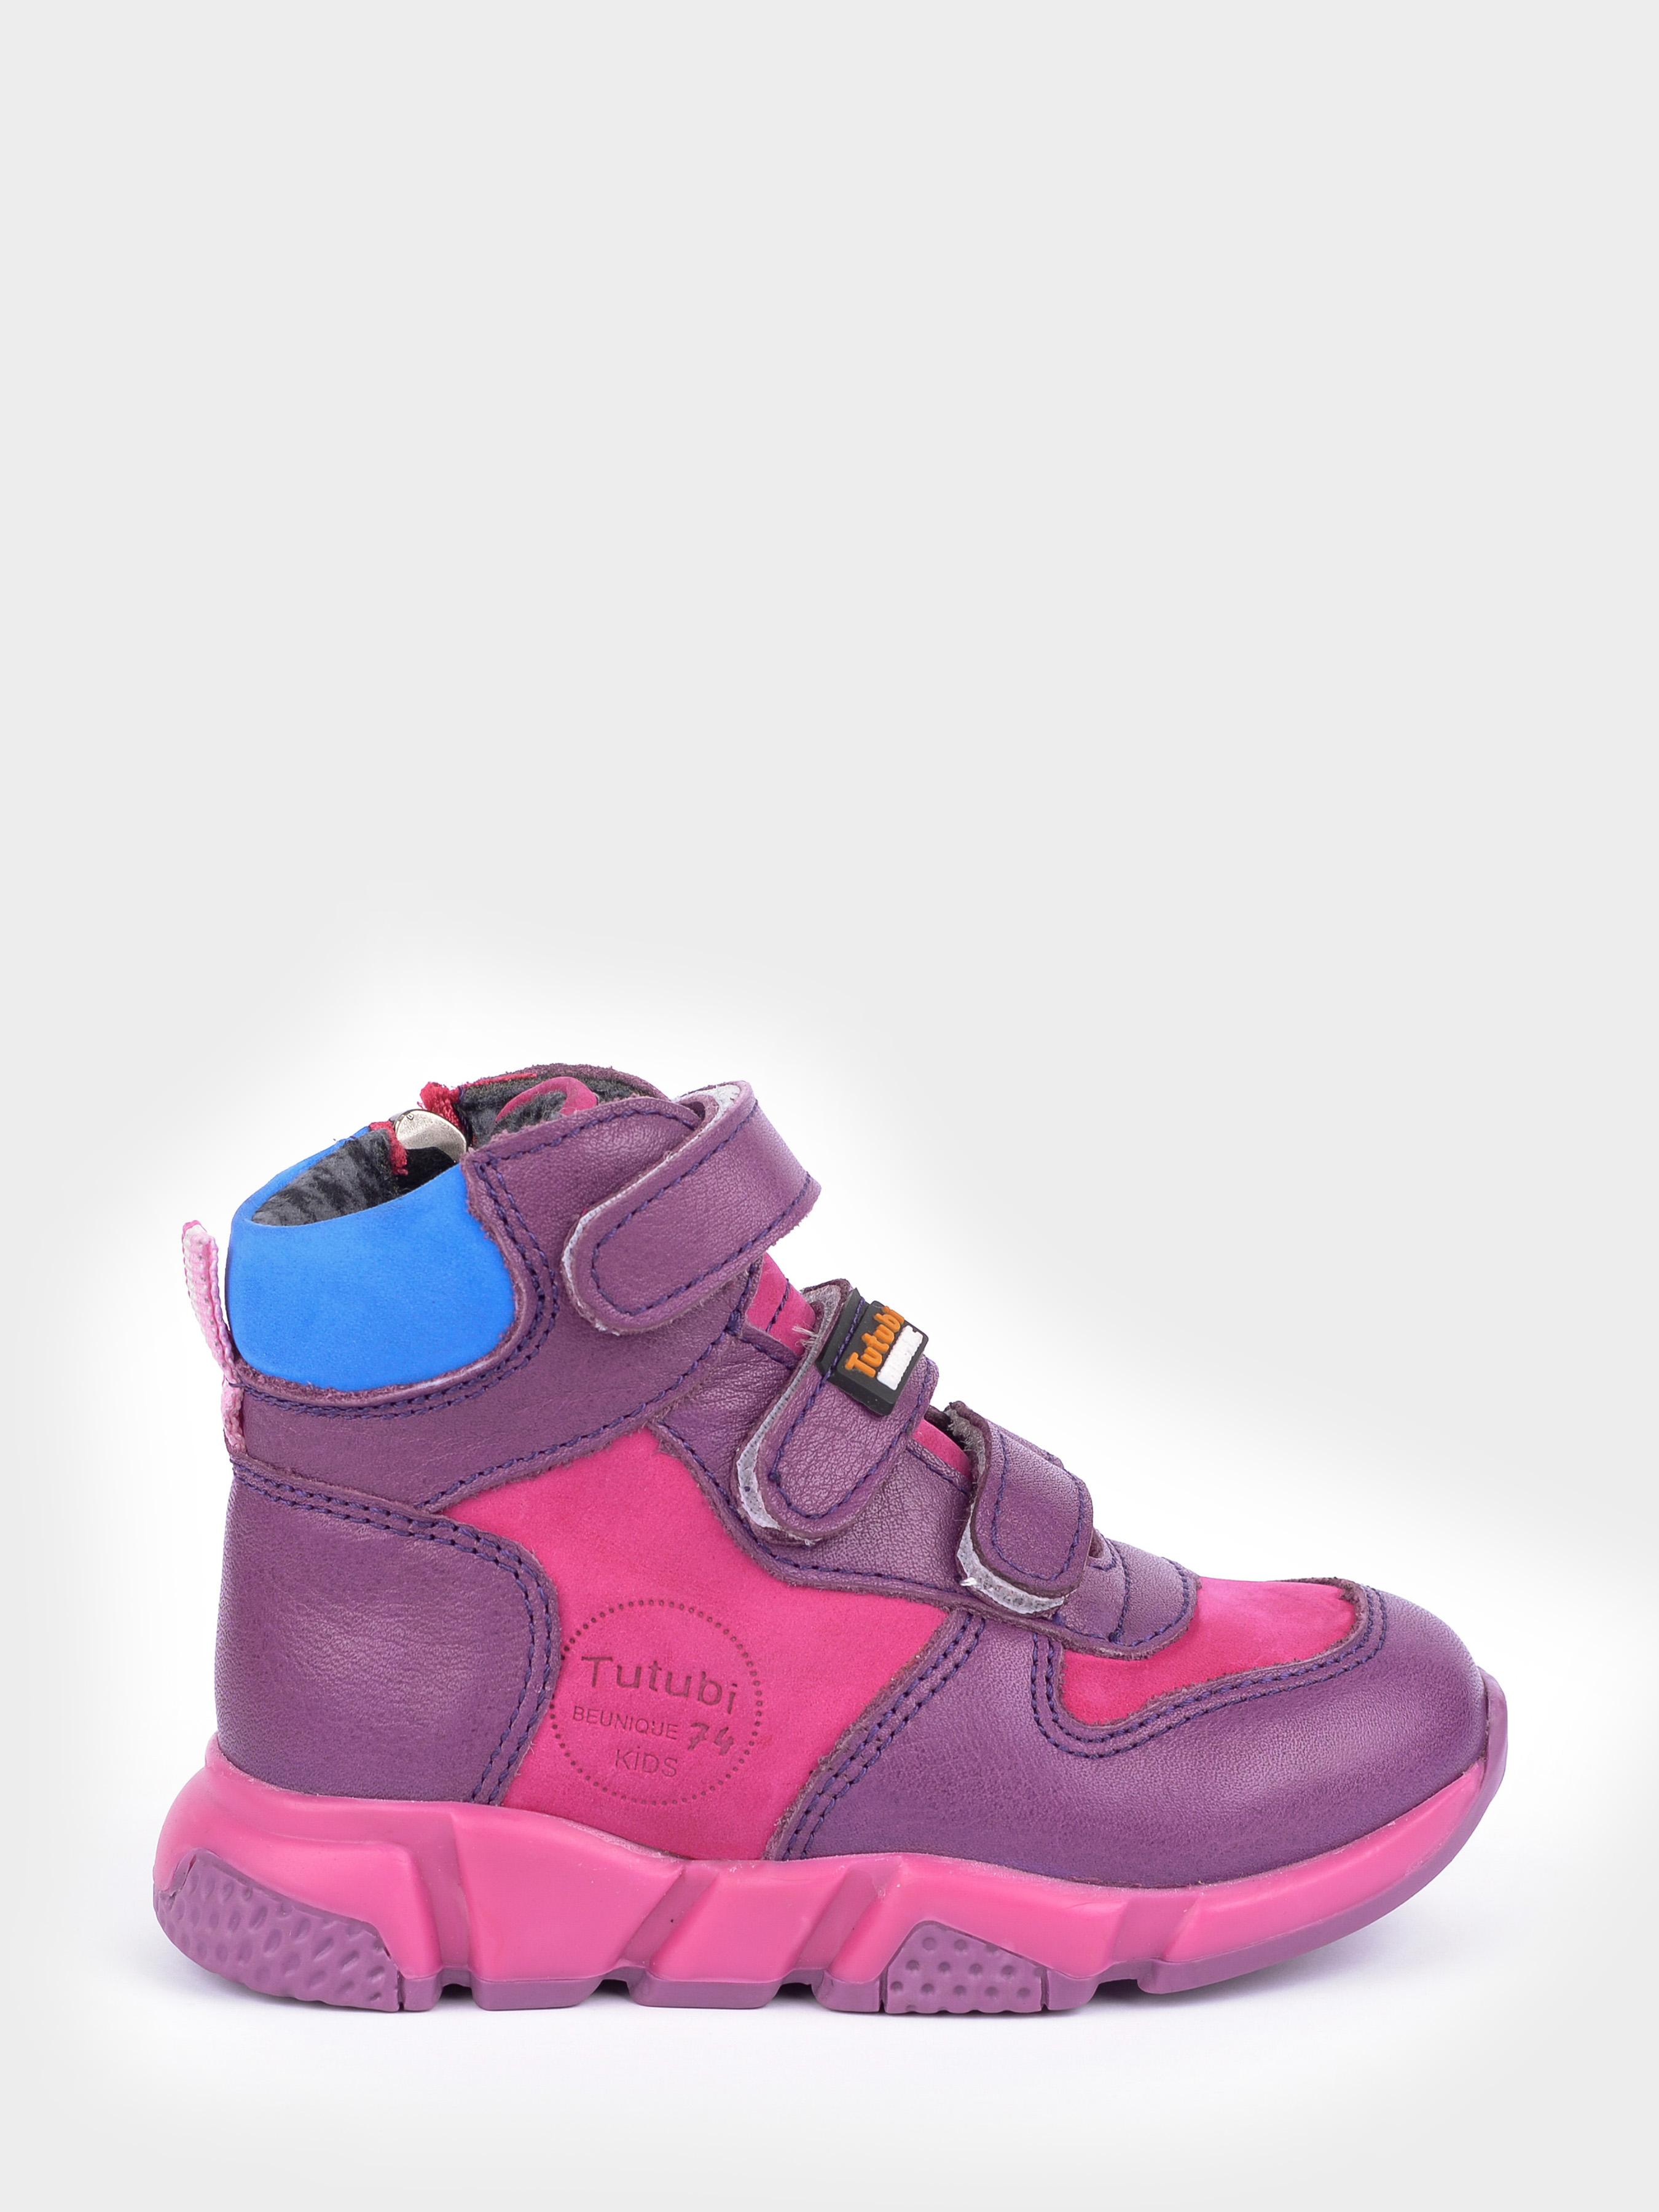 Купить Ботинки детские Демисезонные ботинки для девочки 1670-KR-07, Tutubi, Фиолетовый, Розовый